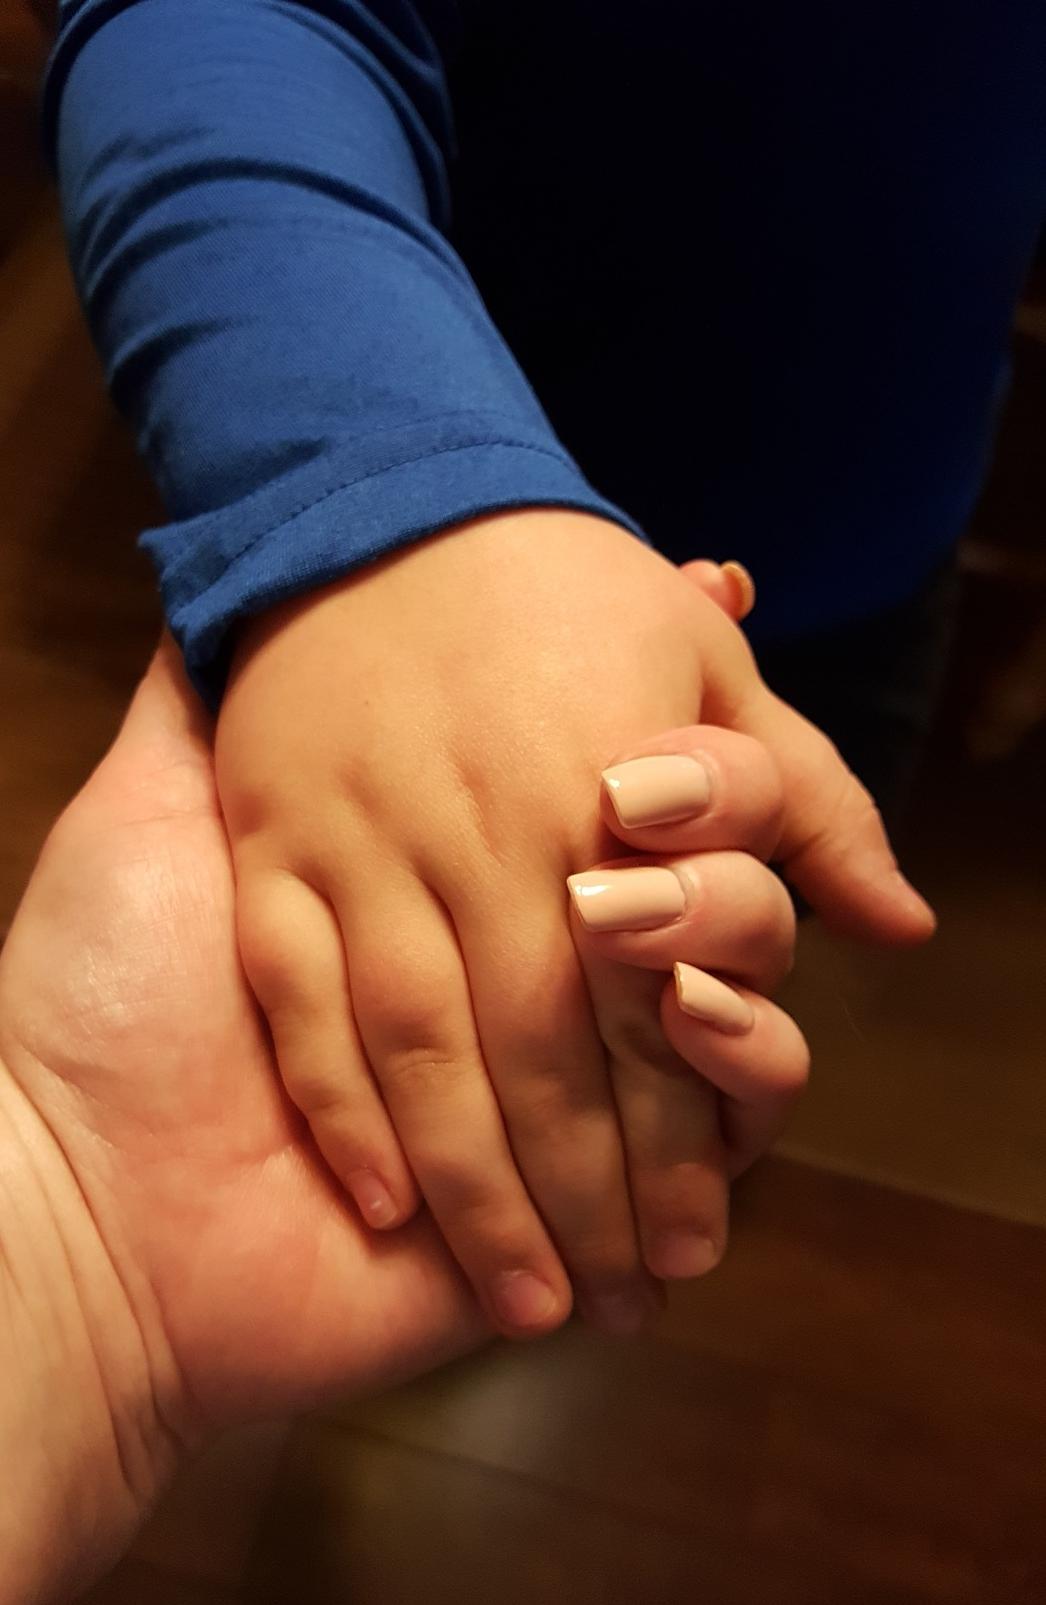 hands-1815145_1920.jpg